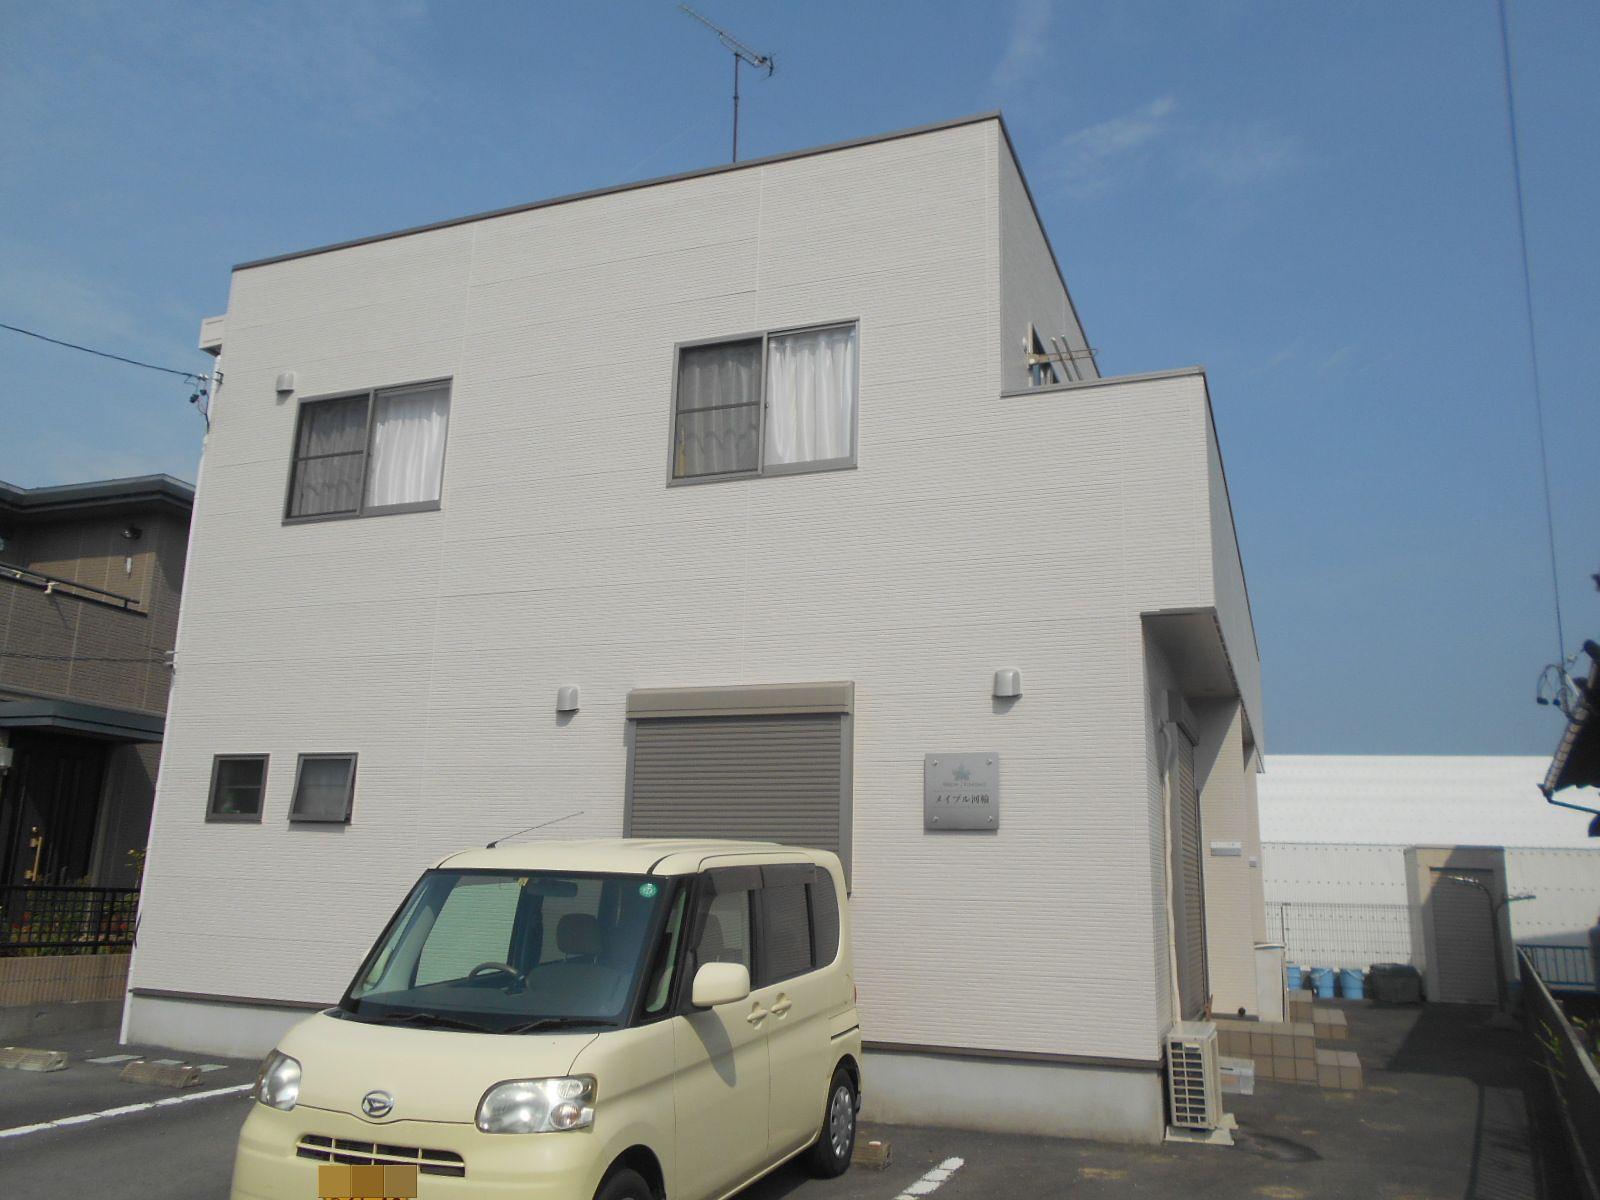 アパートマンションオーナー様必見!二階建てアパート外壁塗装![浜松市 加藤塗装]|外壁塗装、屋根塗装